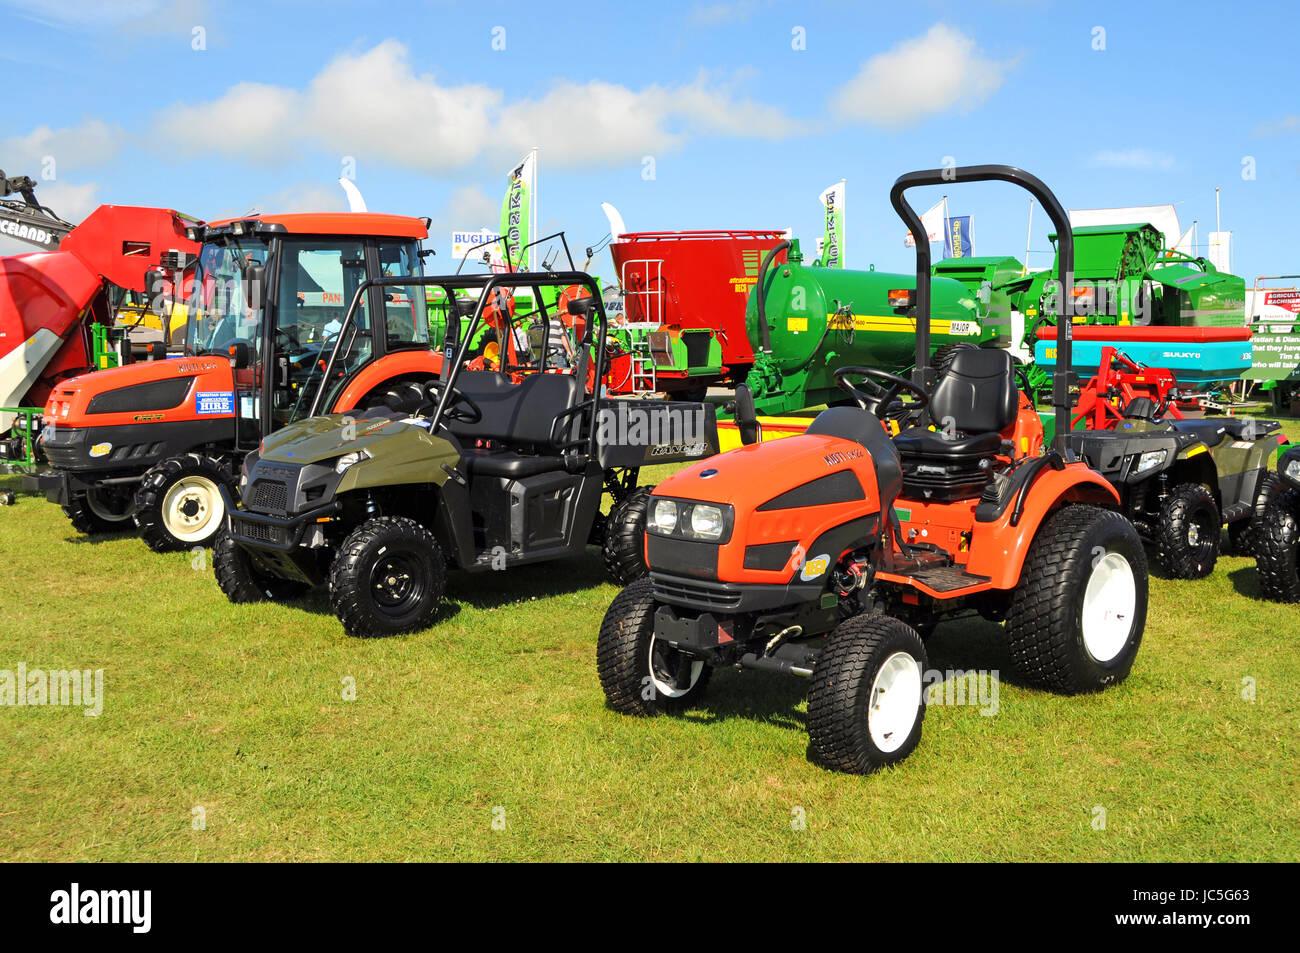 Los vehículos agrícolas maquinaria agrícola Plant Hire ventas muestran Imagen De Stock